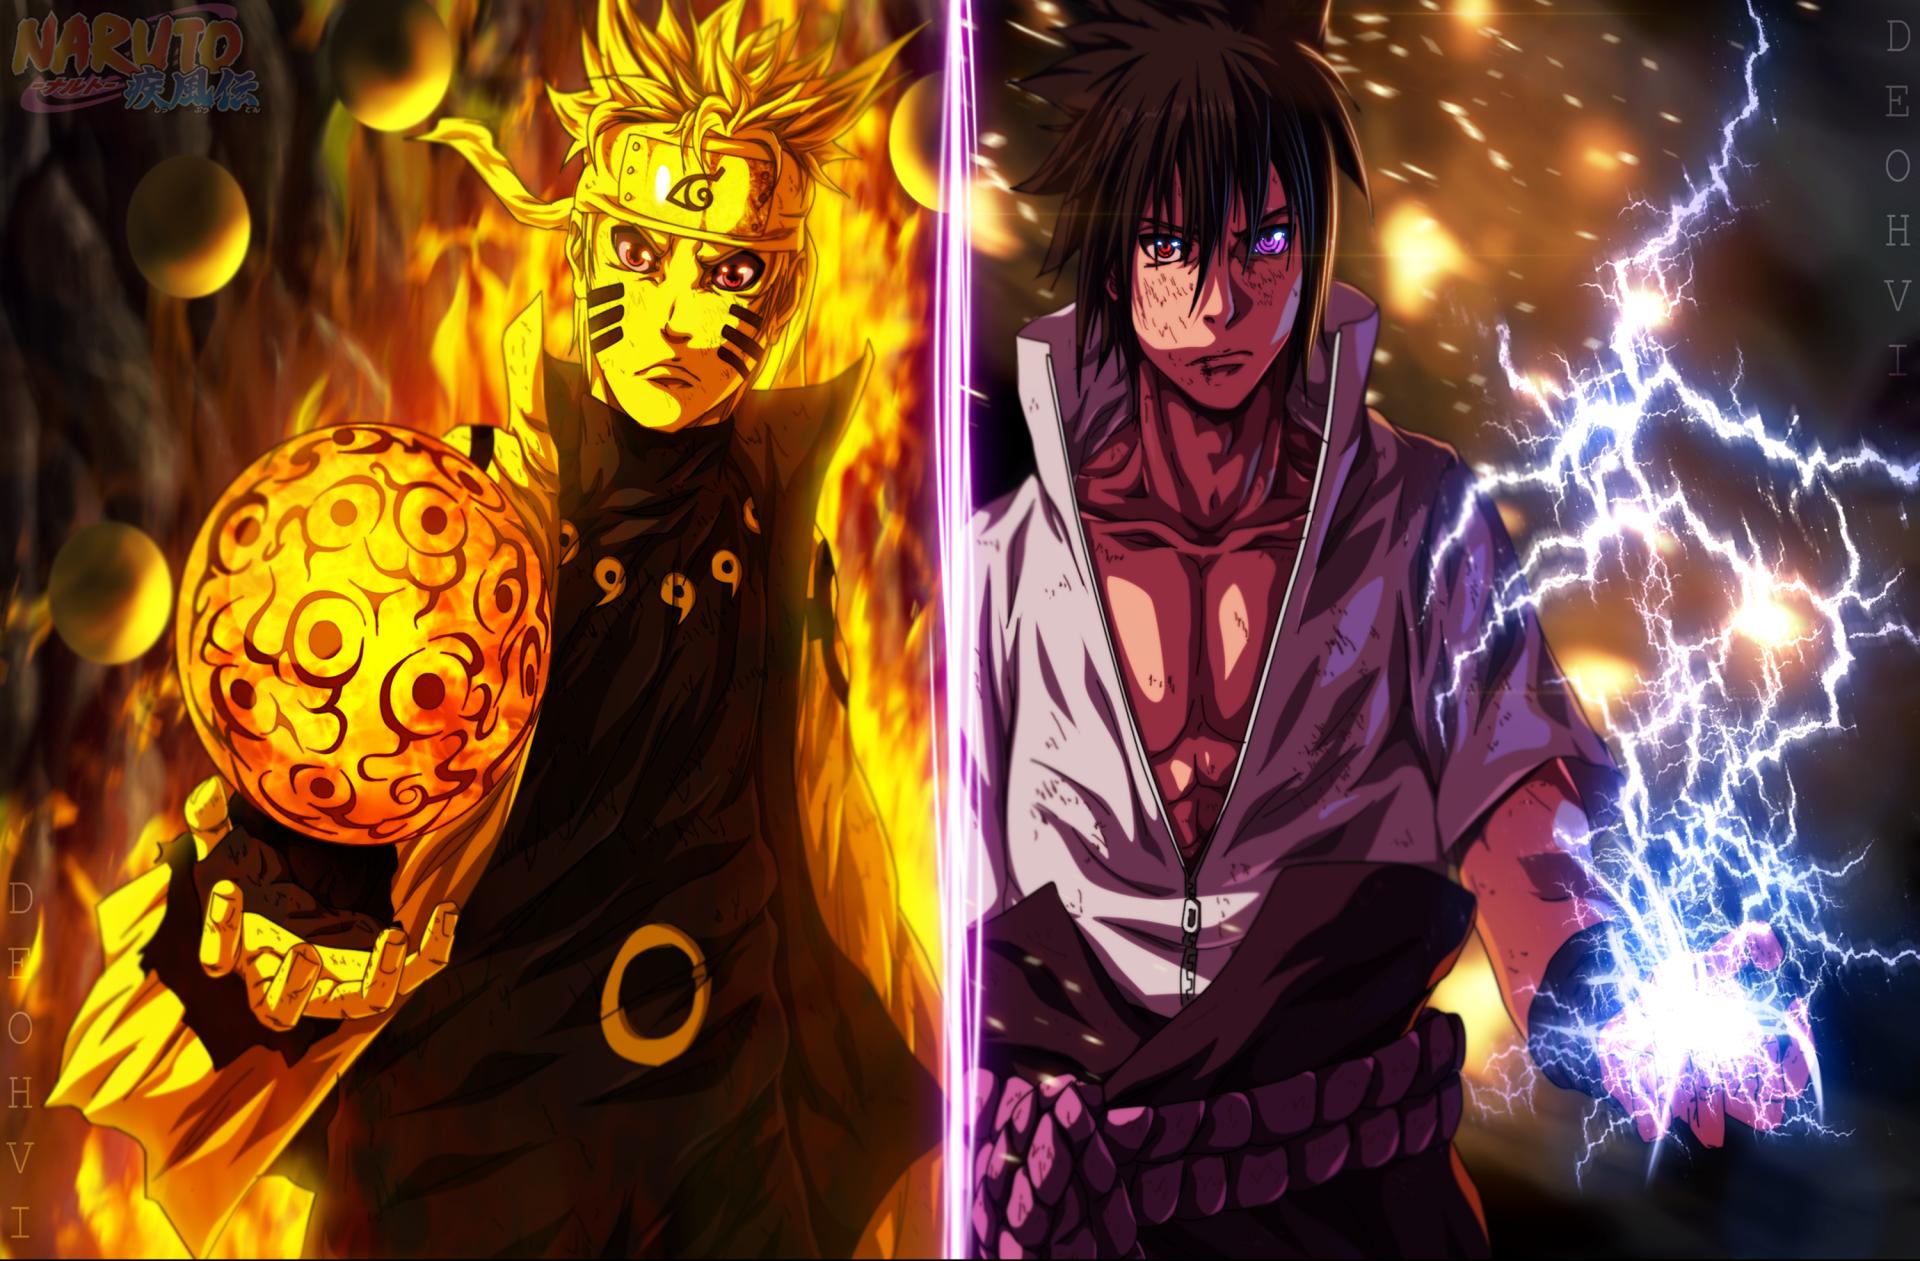 Cool Wallpaper Naruto Art - ce53e4ec5fa5ef9c180d41c7b34db8db  Pictures_518186.png